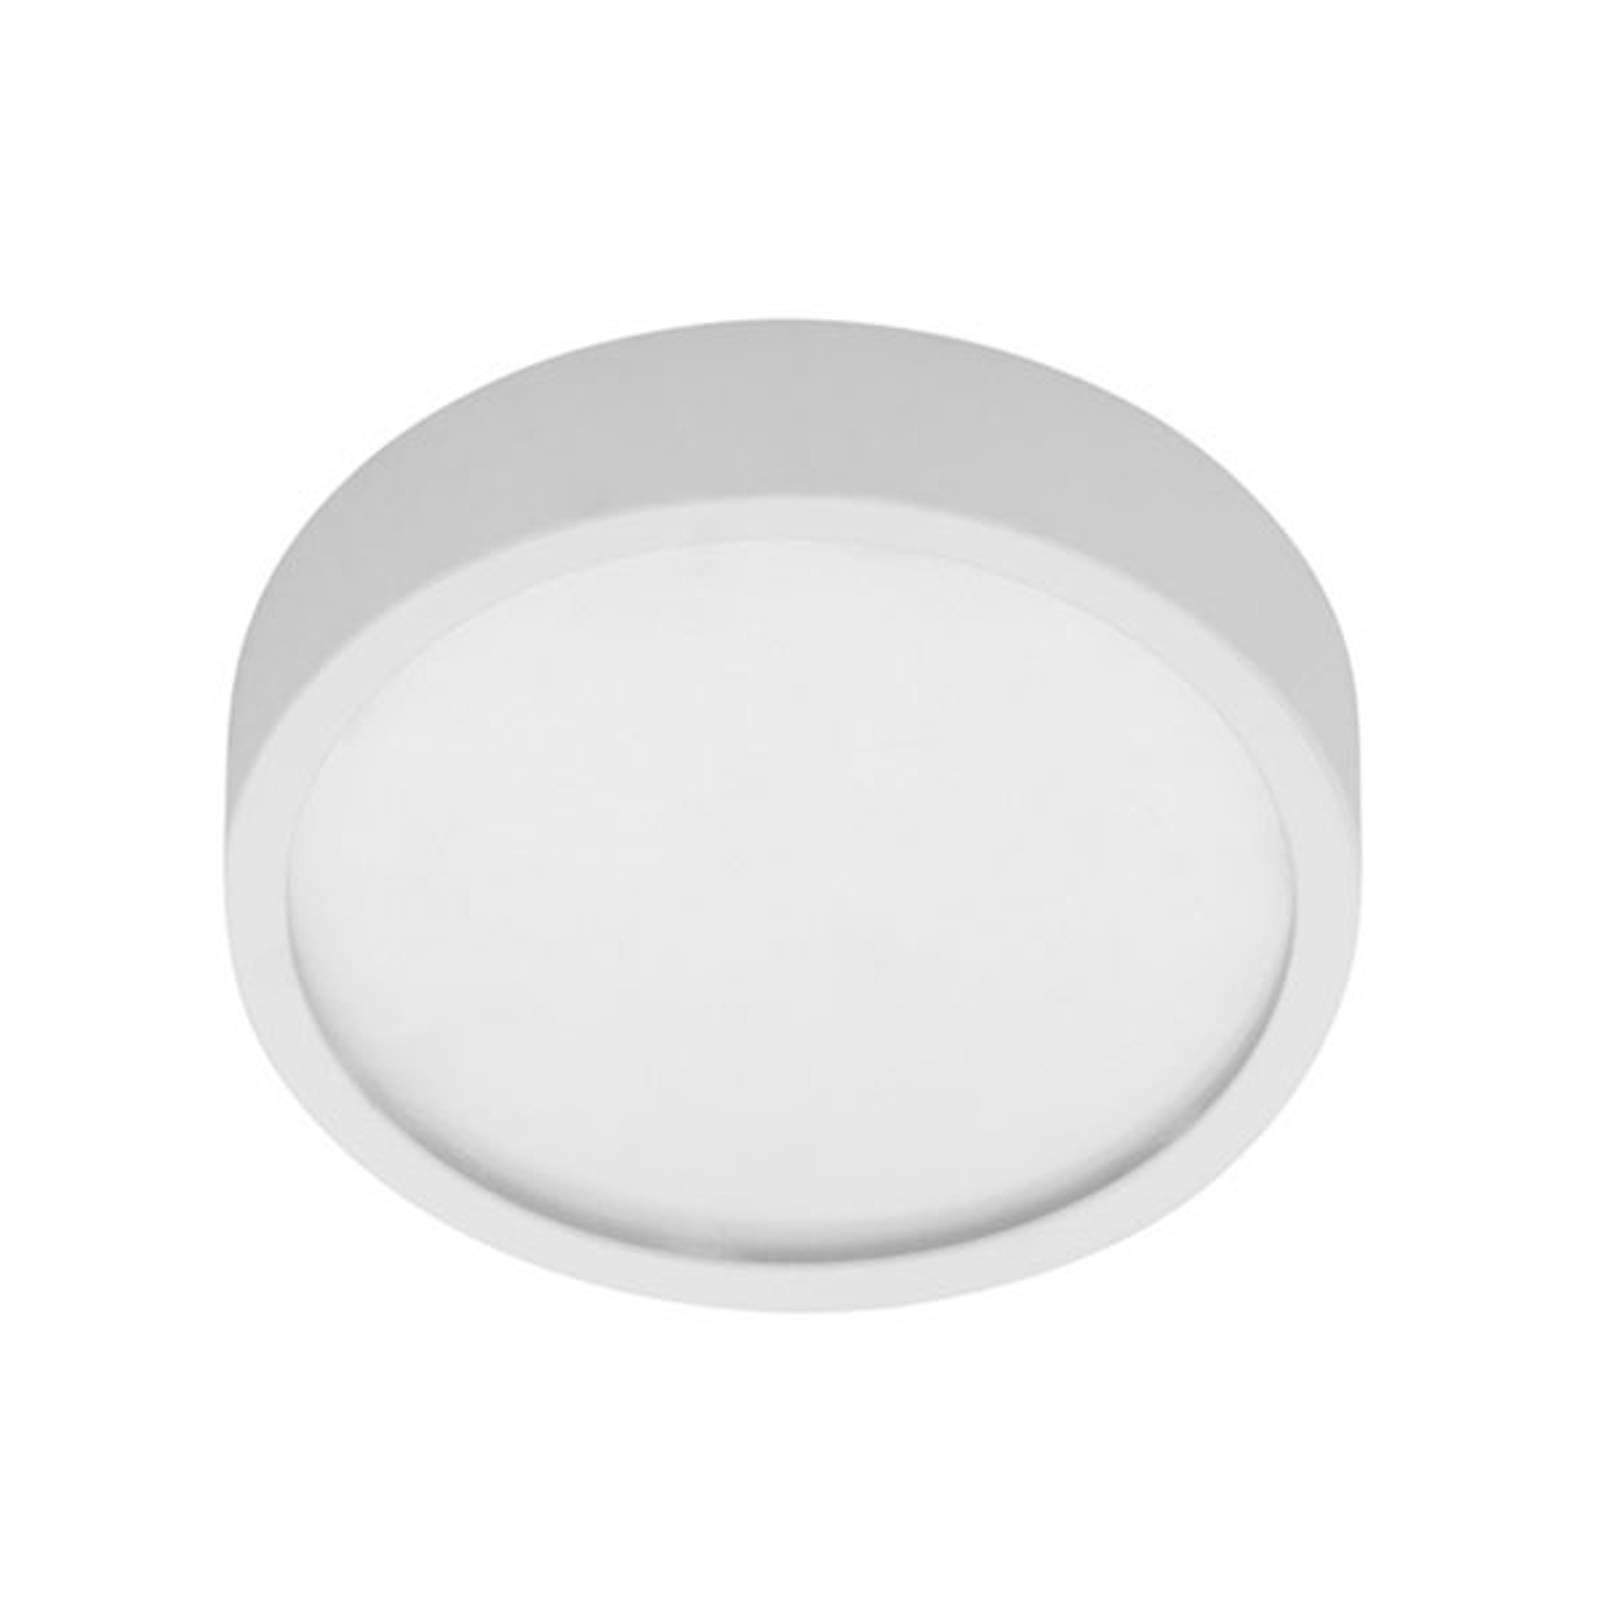 LED-kattovalaisin pyöreä BAP-sopivuus,14W, 3 000 K